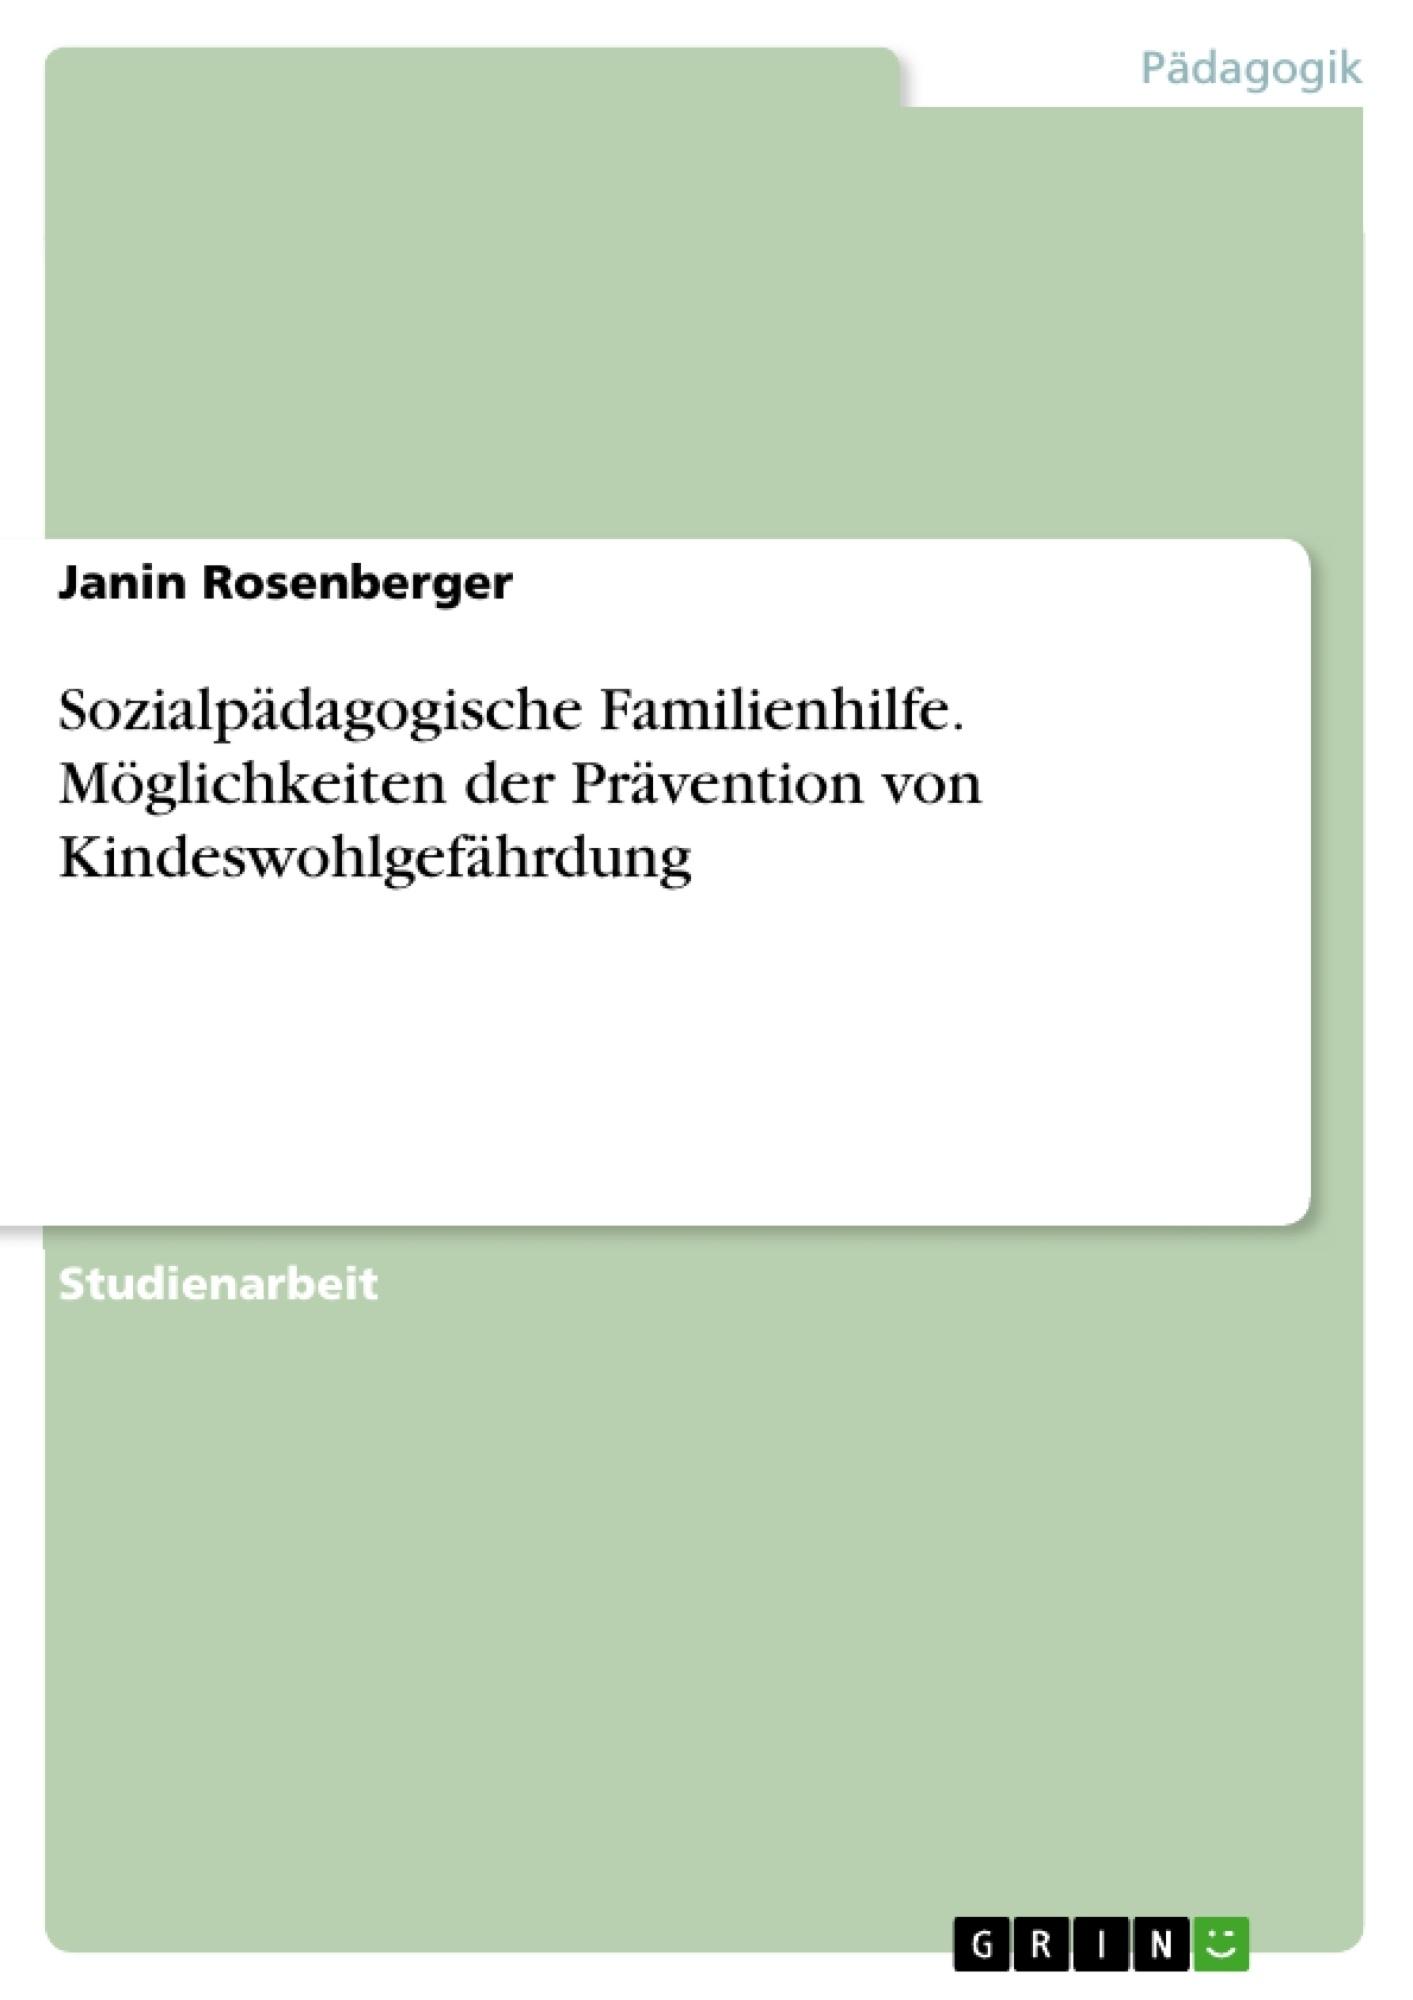 Titel: Sozialpädagogische Familienhilfe. Möglichkeiten der Prävention von Kindeswohlgefährdung